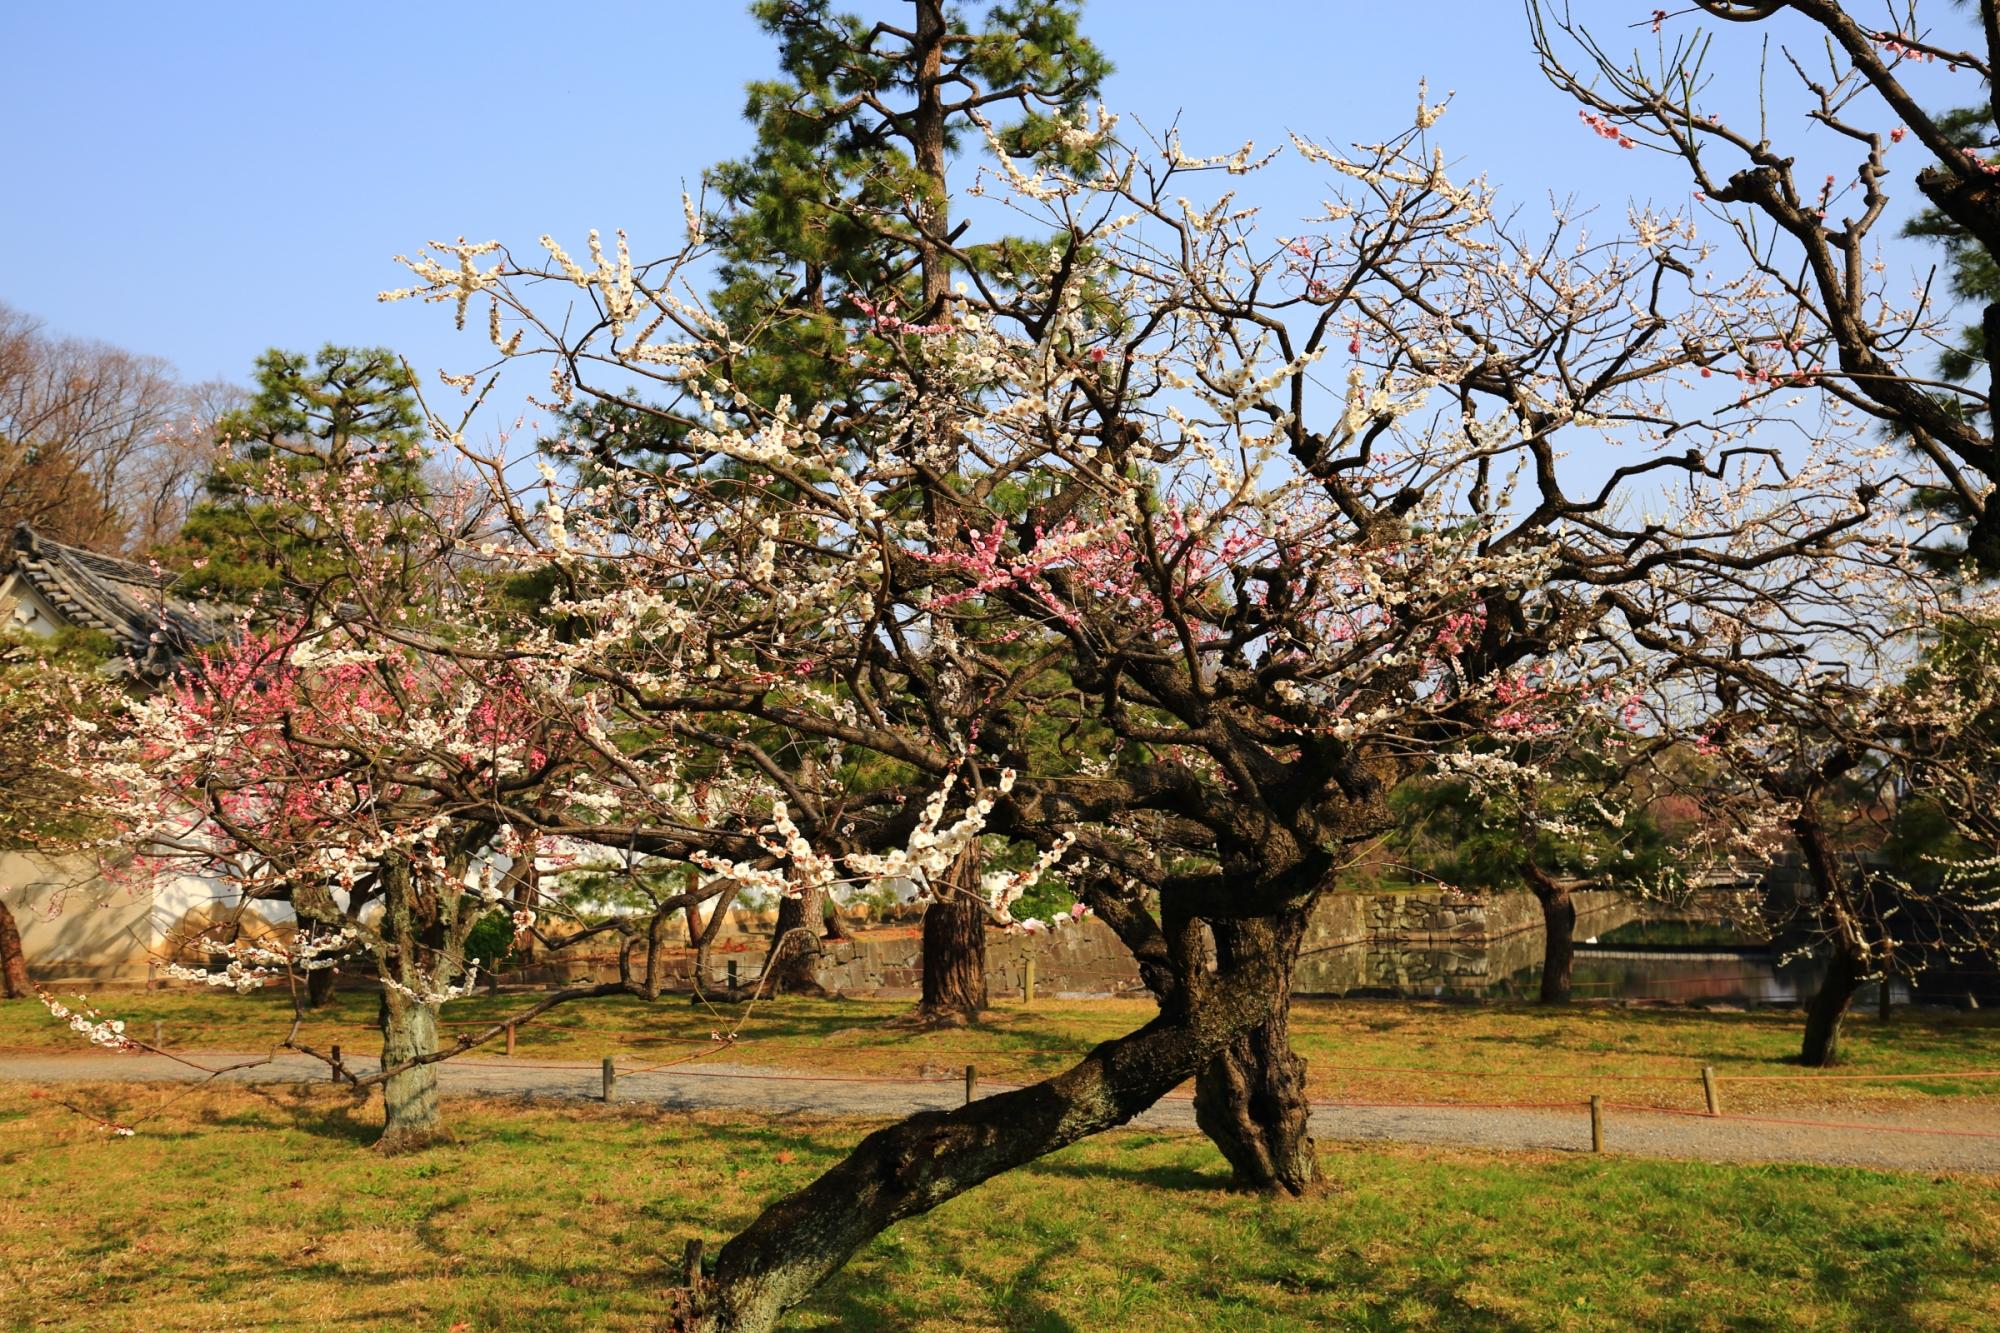 紅白の梅の花が一本の木に咲く源平咲き分けの梅